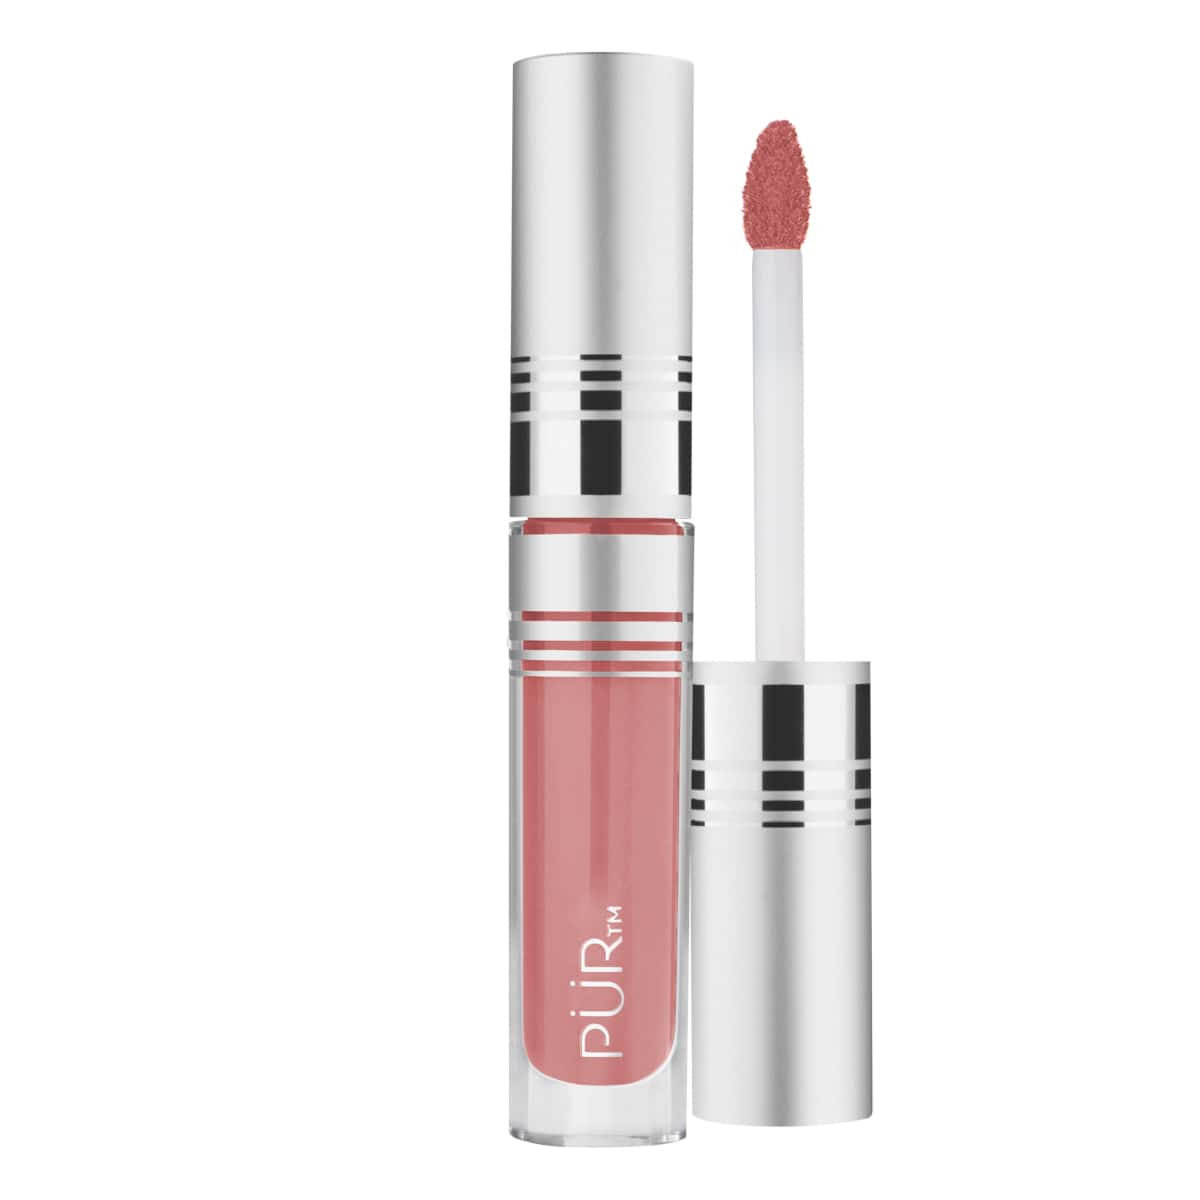 Velvet Matte Liquid Lipstick in Obsessed